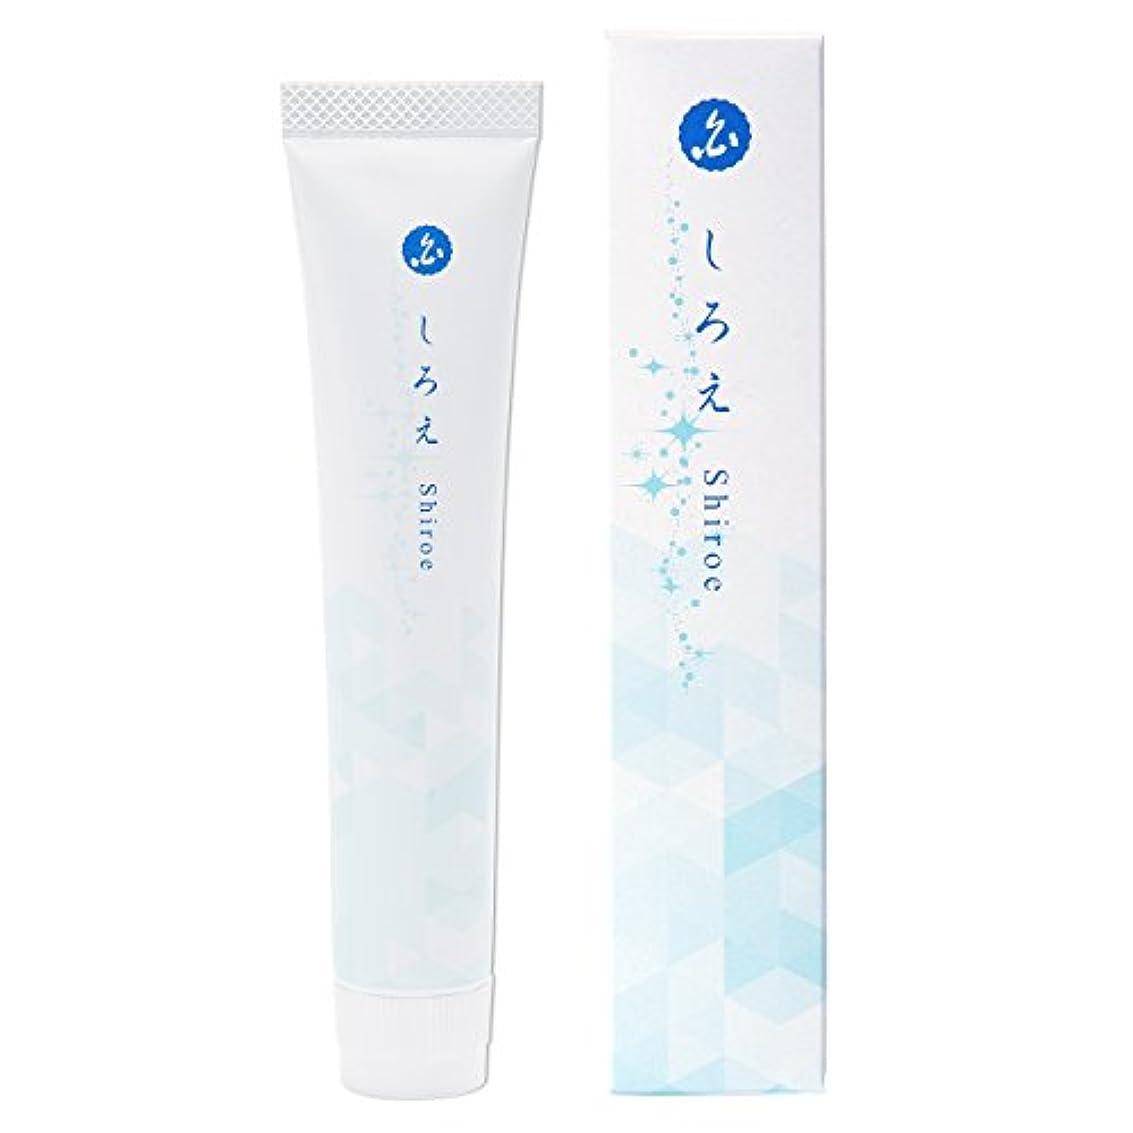 強います最大化する劇作家しろえ 歯磨きジェル 薬用 ホワイトニング歯磨き粉 医薬部外品 はみがき粉 50g 日本製